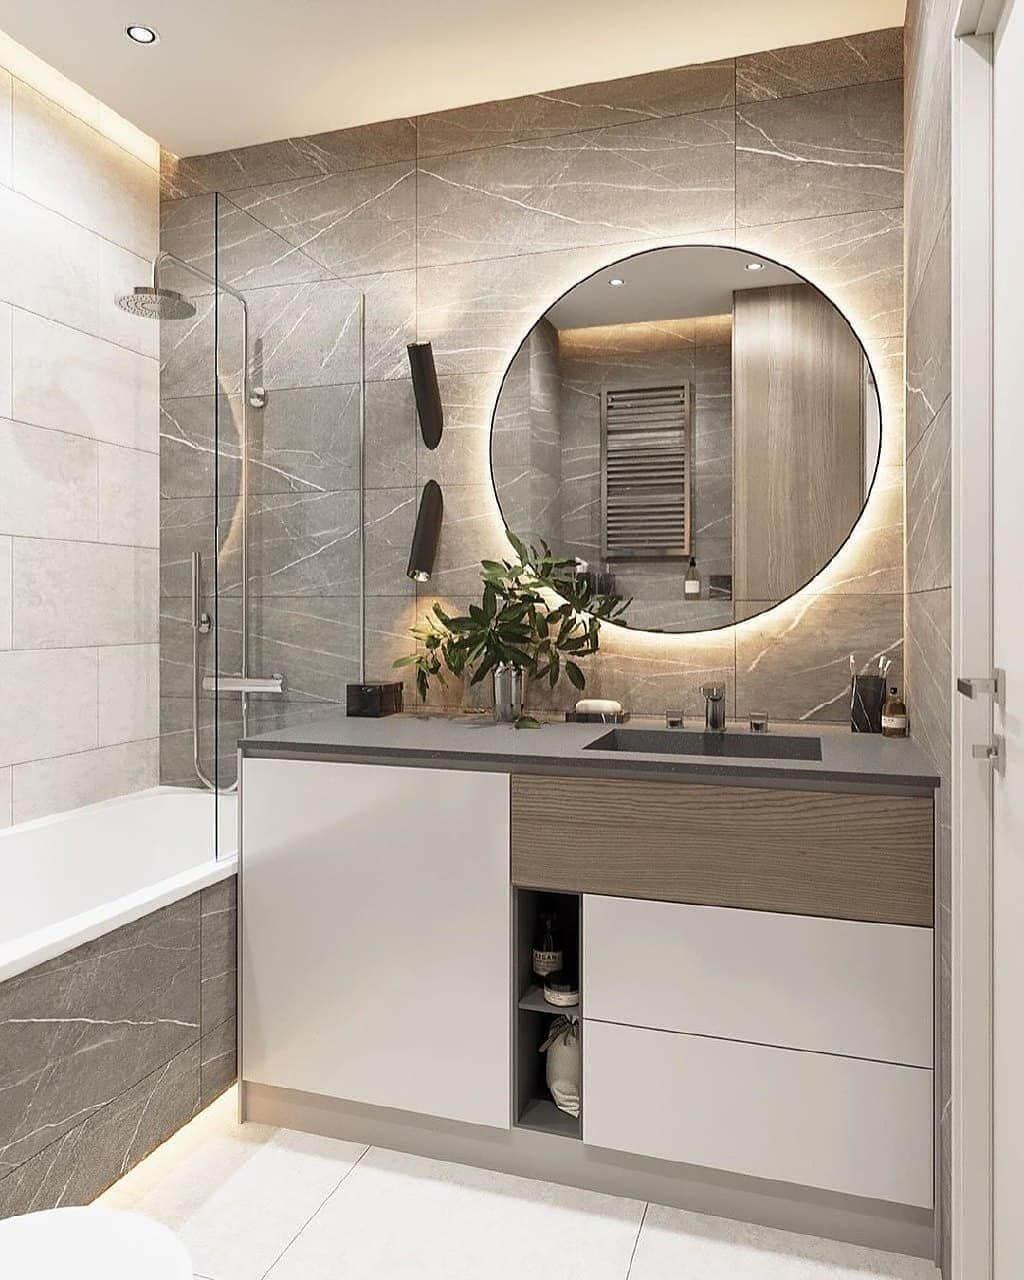 дизайн ванной со встроенной стиральной машиной